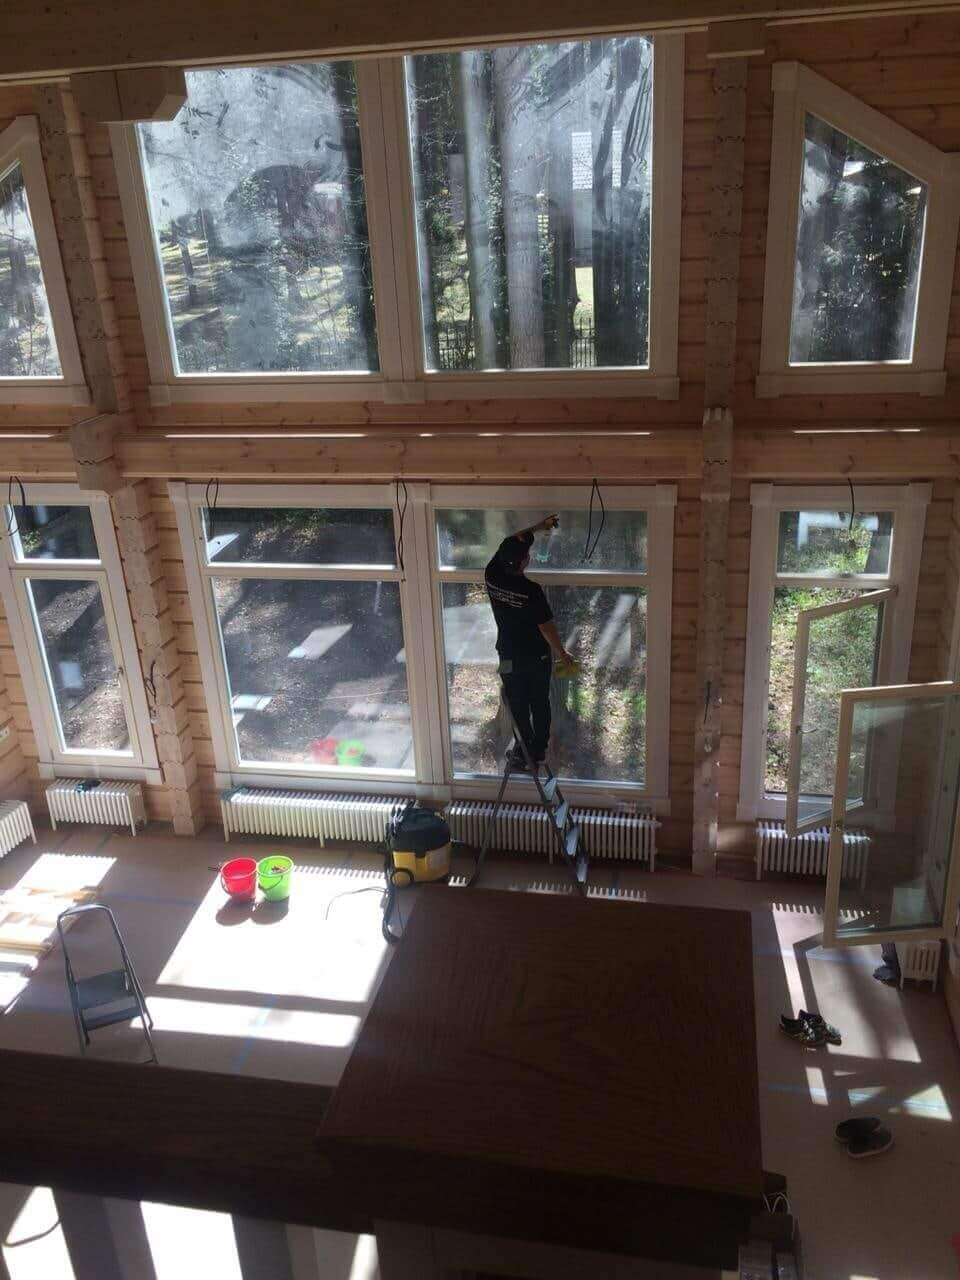 Уборщик моет большие окна загородного дома